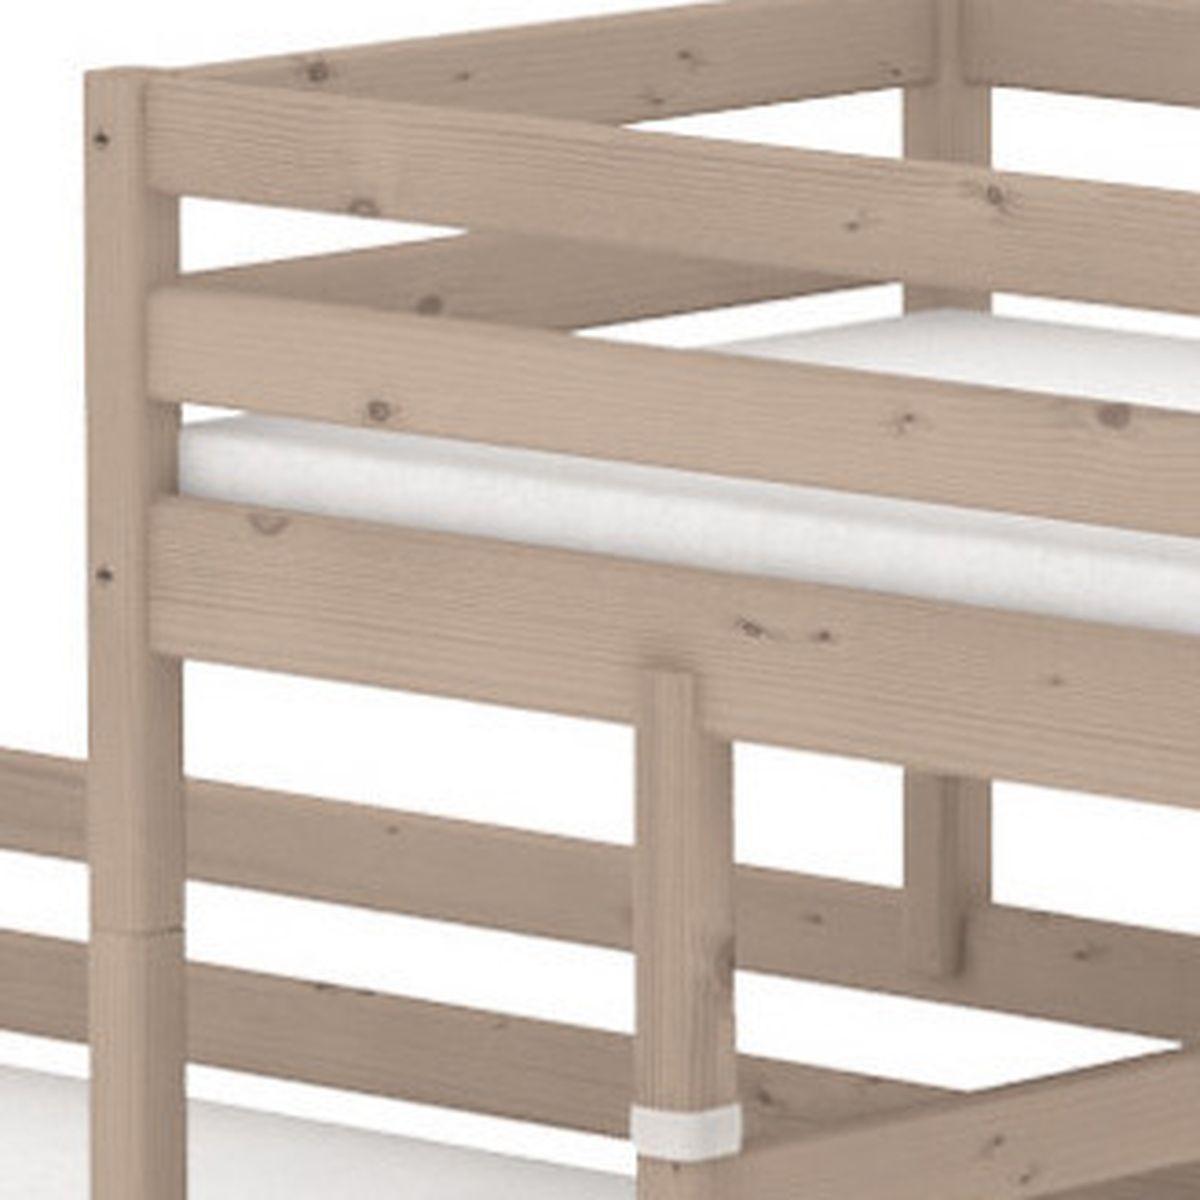 TERRA Lit surélevé Classic + lit Classic simple Line 90x190 cm + échelle inclinée avec poignées by Flexa